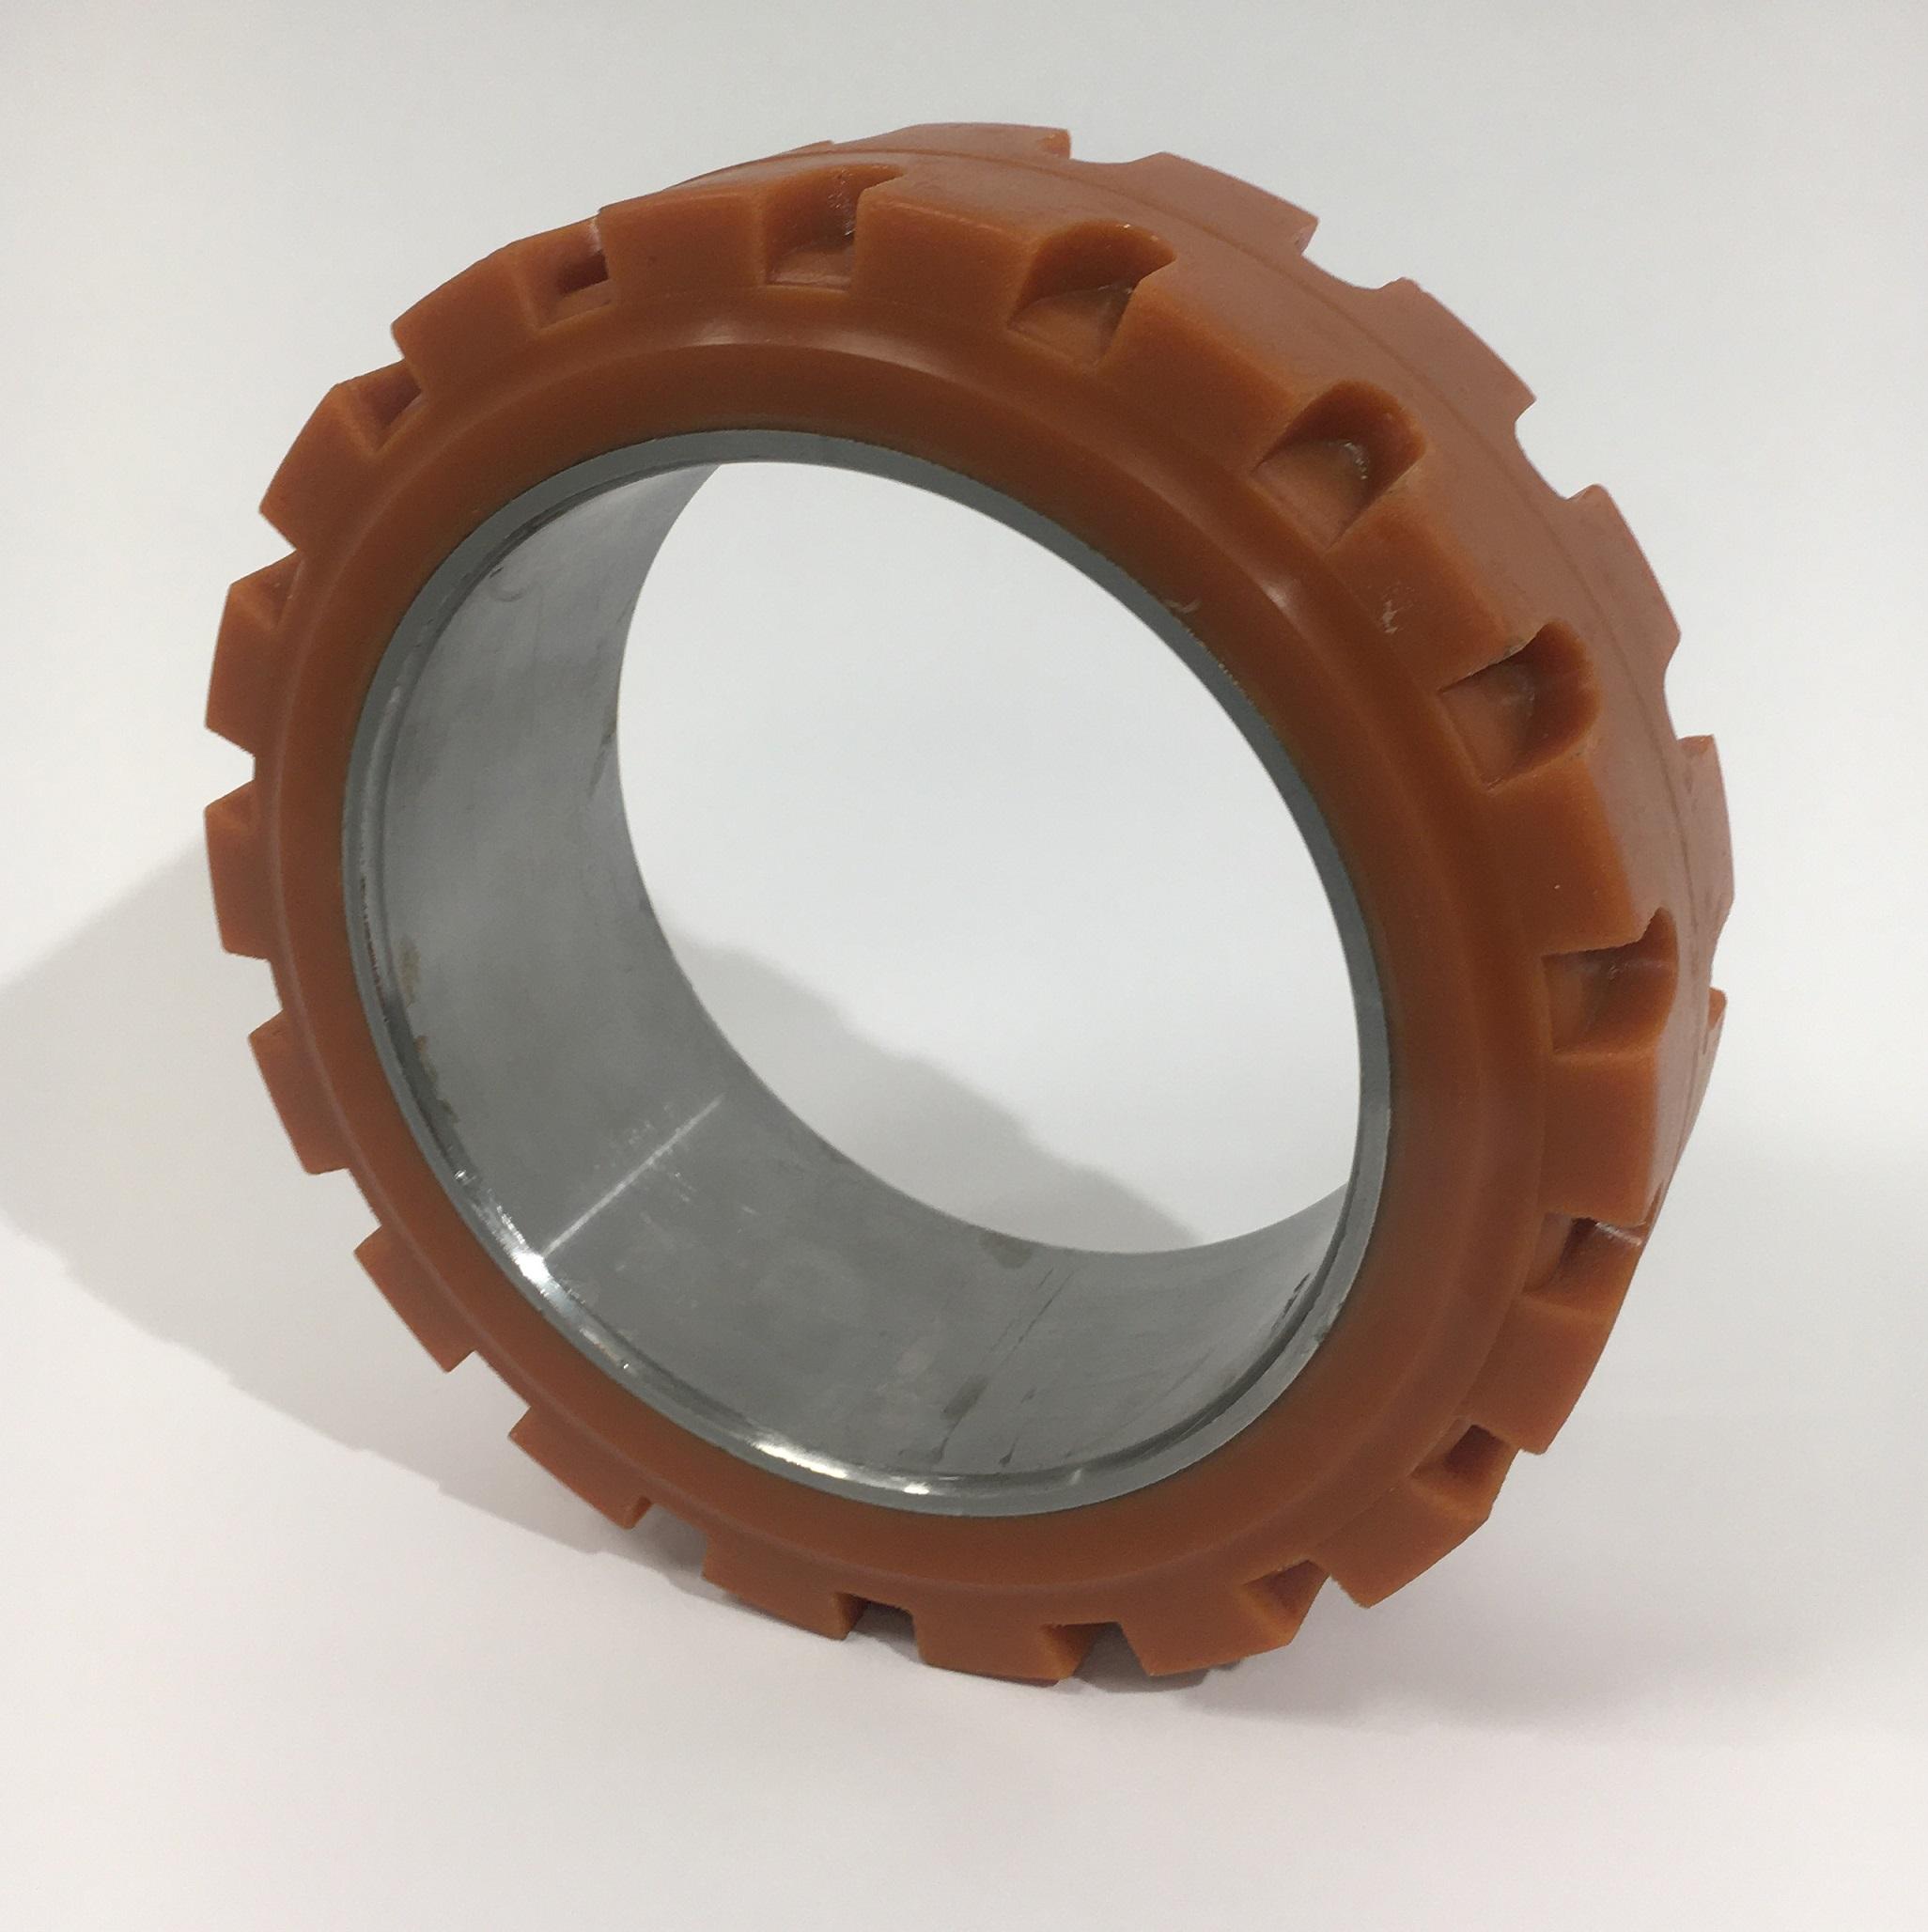 Ruote serie ZC Anelli cilindrici in poliuretano per calettamento su mozzi in ghisa. Durezza rivestimento 95+/-3Sh.A La portata è riferita ad una velocità di 6 km/h. <br/>Battistrada con profilo scolpito.